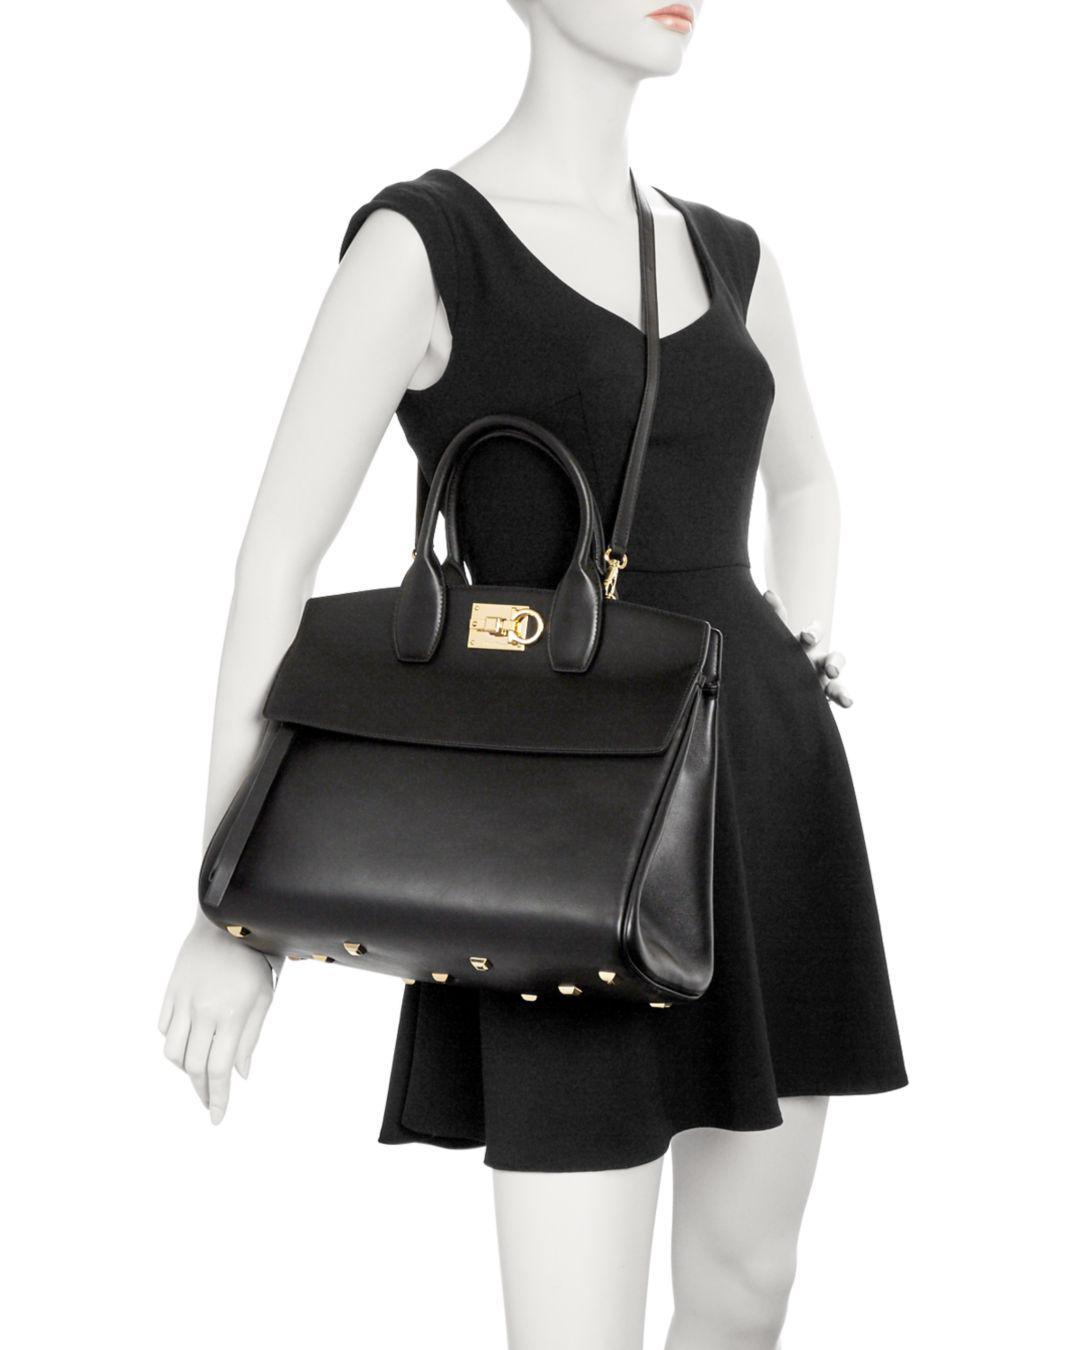 7c62909b0991 Lyst - Ferragamo Medium Studio Bag in Black - Save 8%